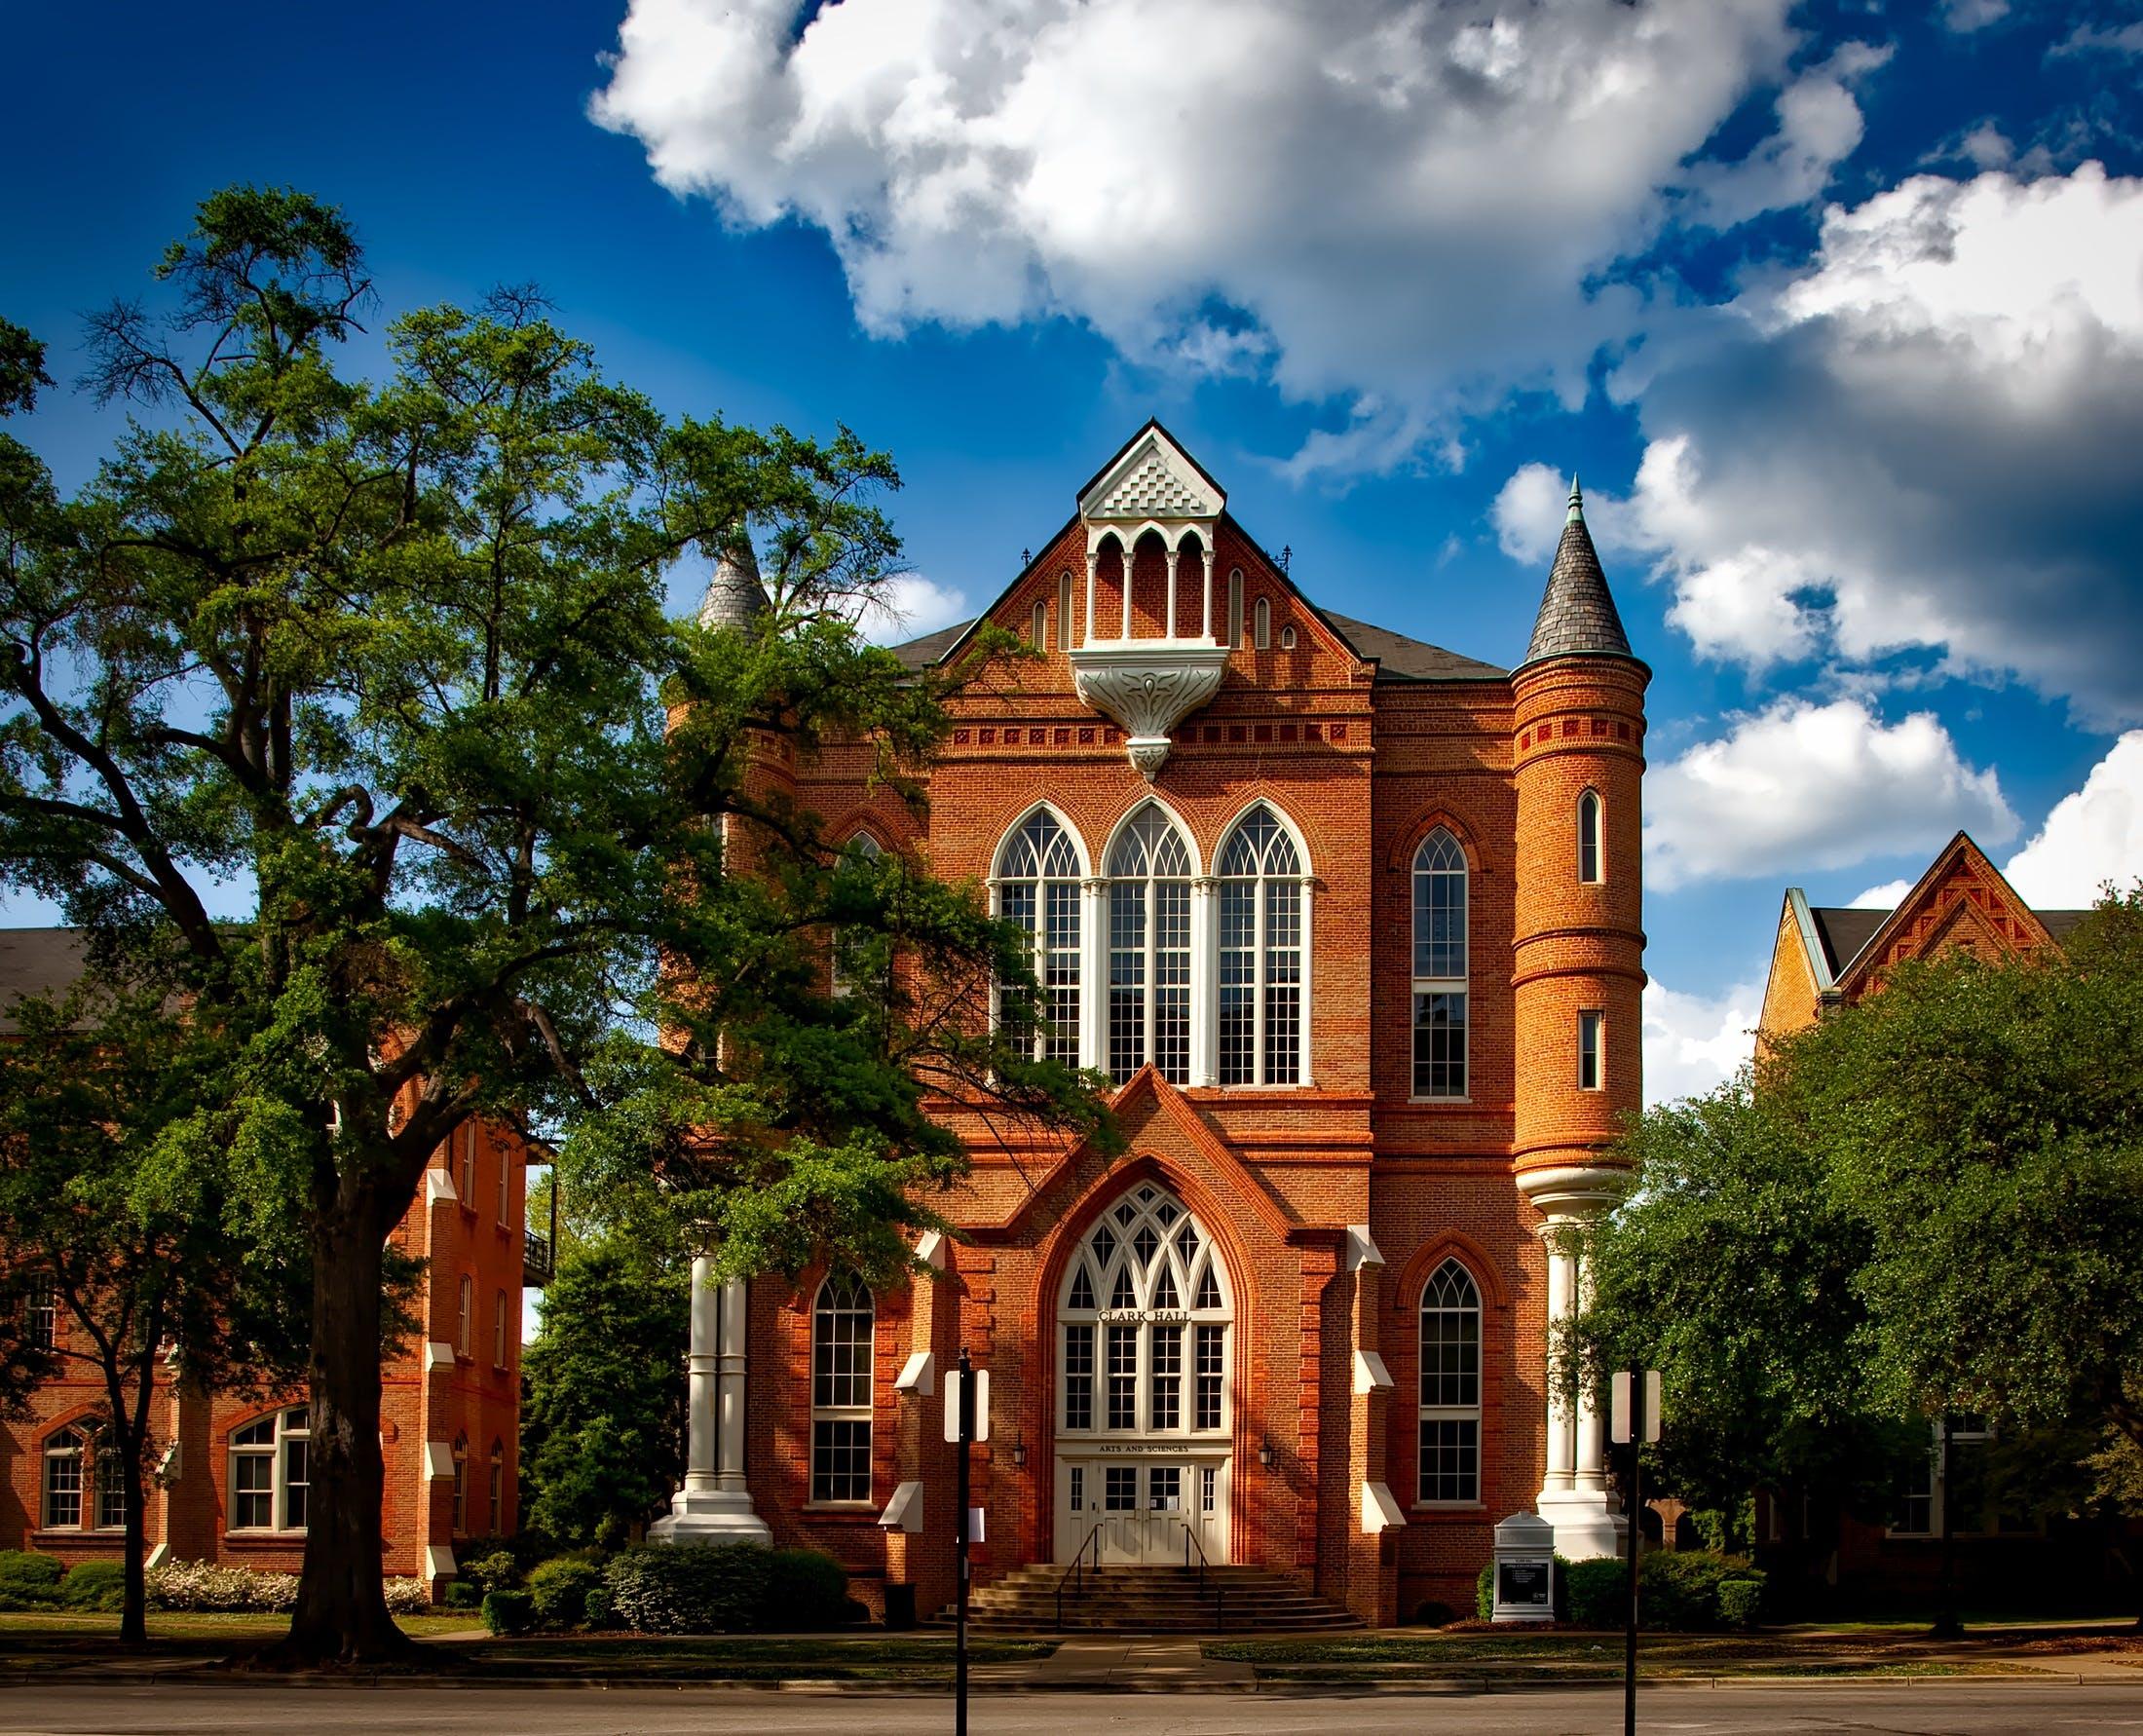 architecture, building, campus